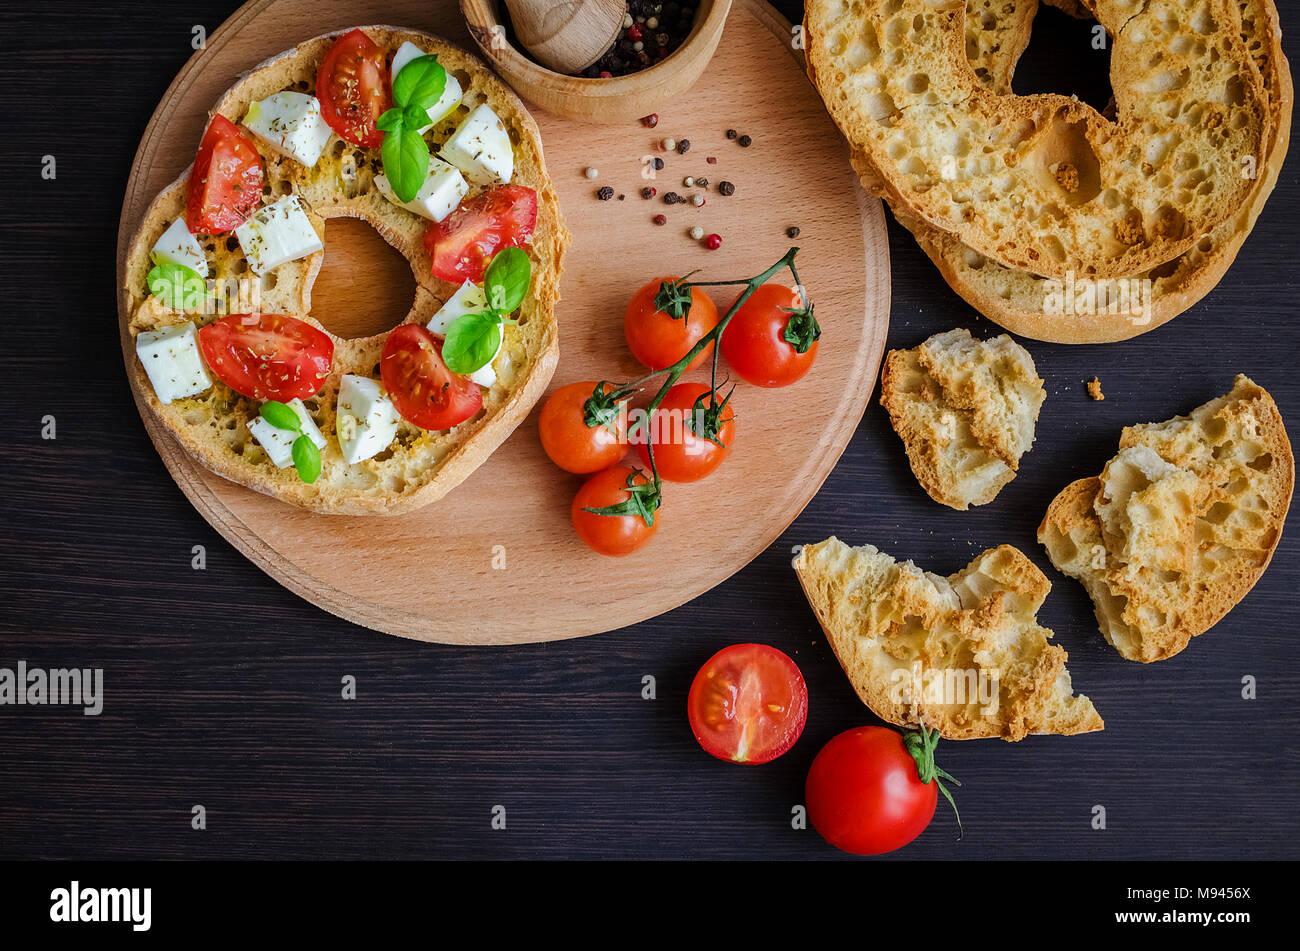 Italienische Vorspeise Friselle. Italienische getrocknete Brot Friselle auf Holzbrett mit Cherry Tomaten, Basilikum und Pfeffer. Italienisches Essen. Gesunde vegetarische Kost Stockbild